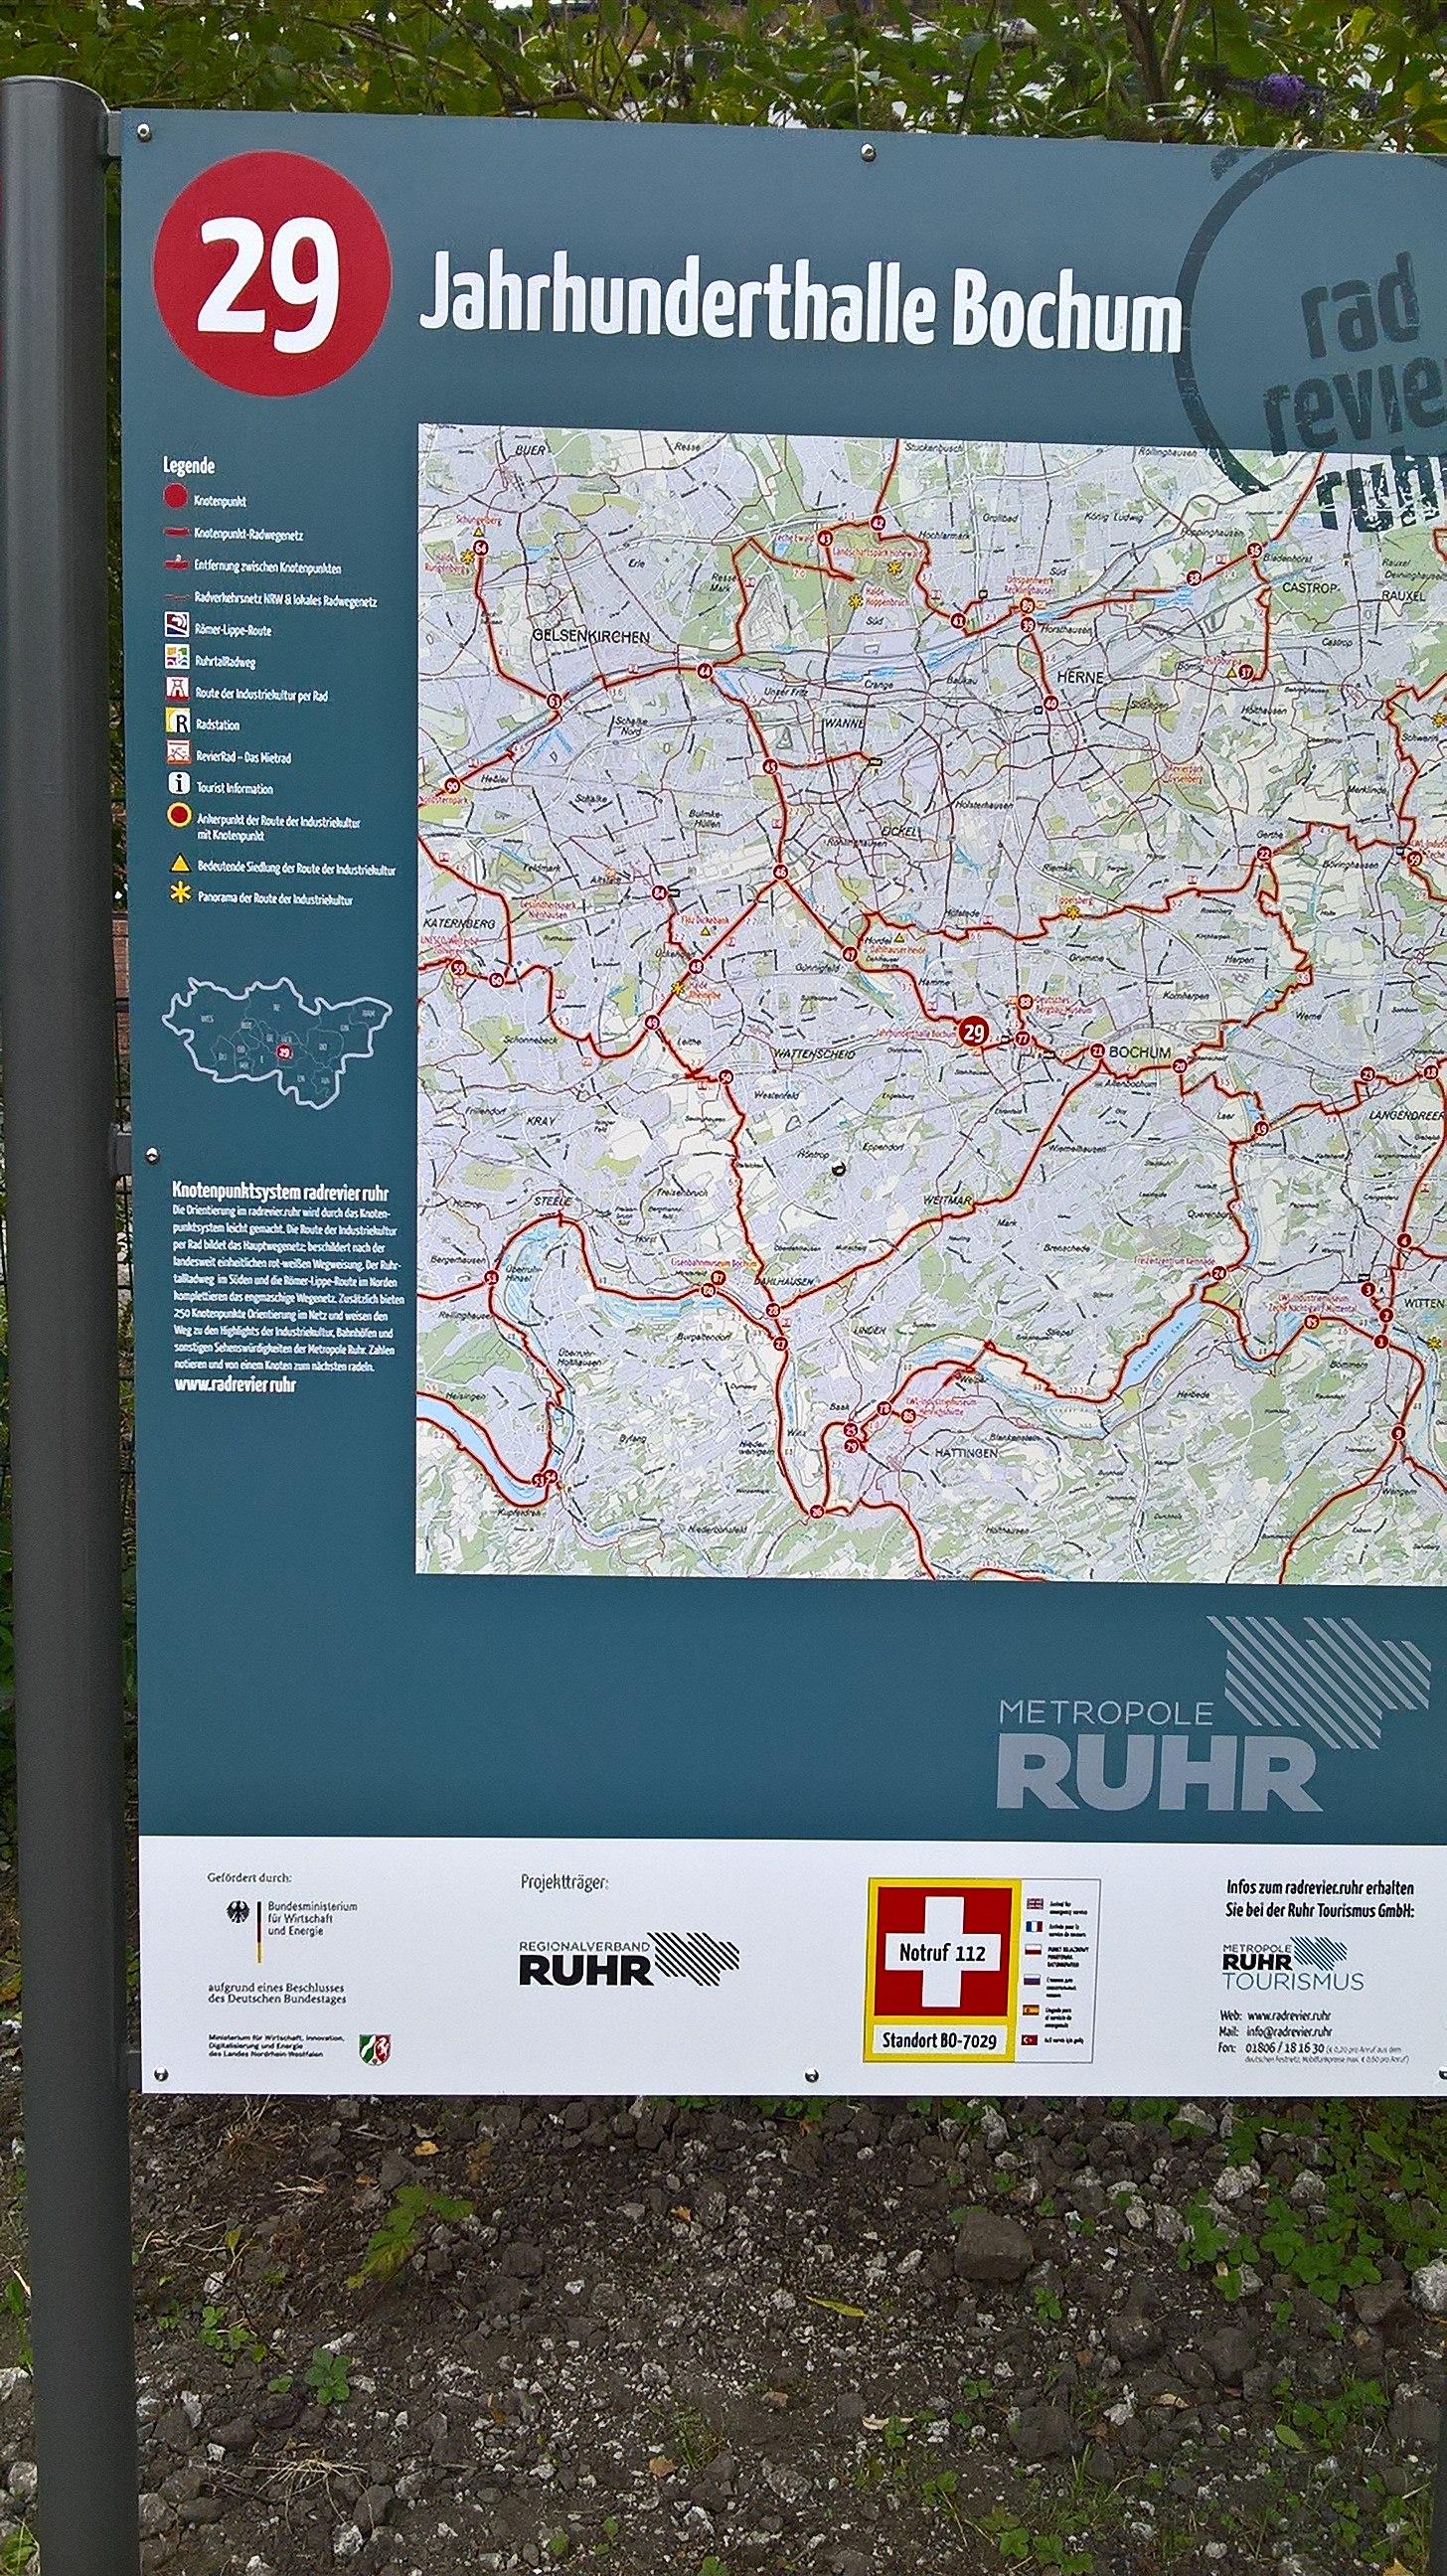 File Radrevier Ruhr Knotenpunkt 29 Jahrhunderthalle Bochum Karte